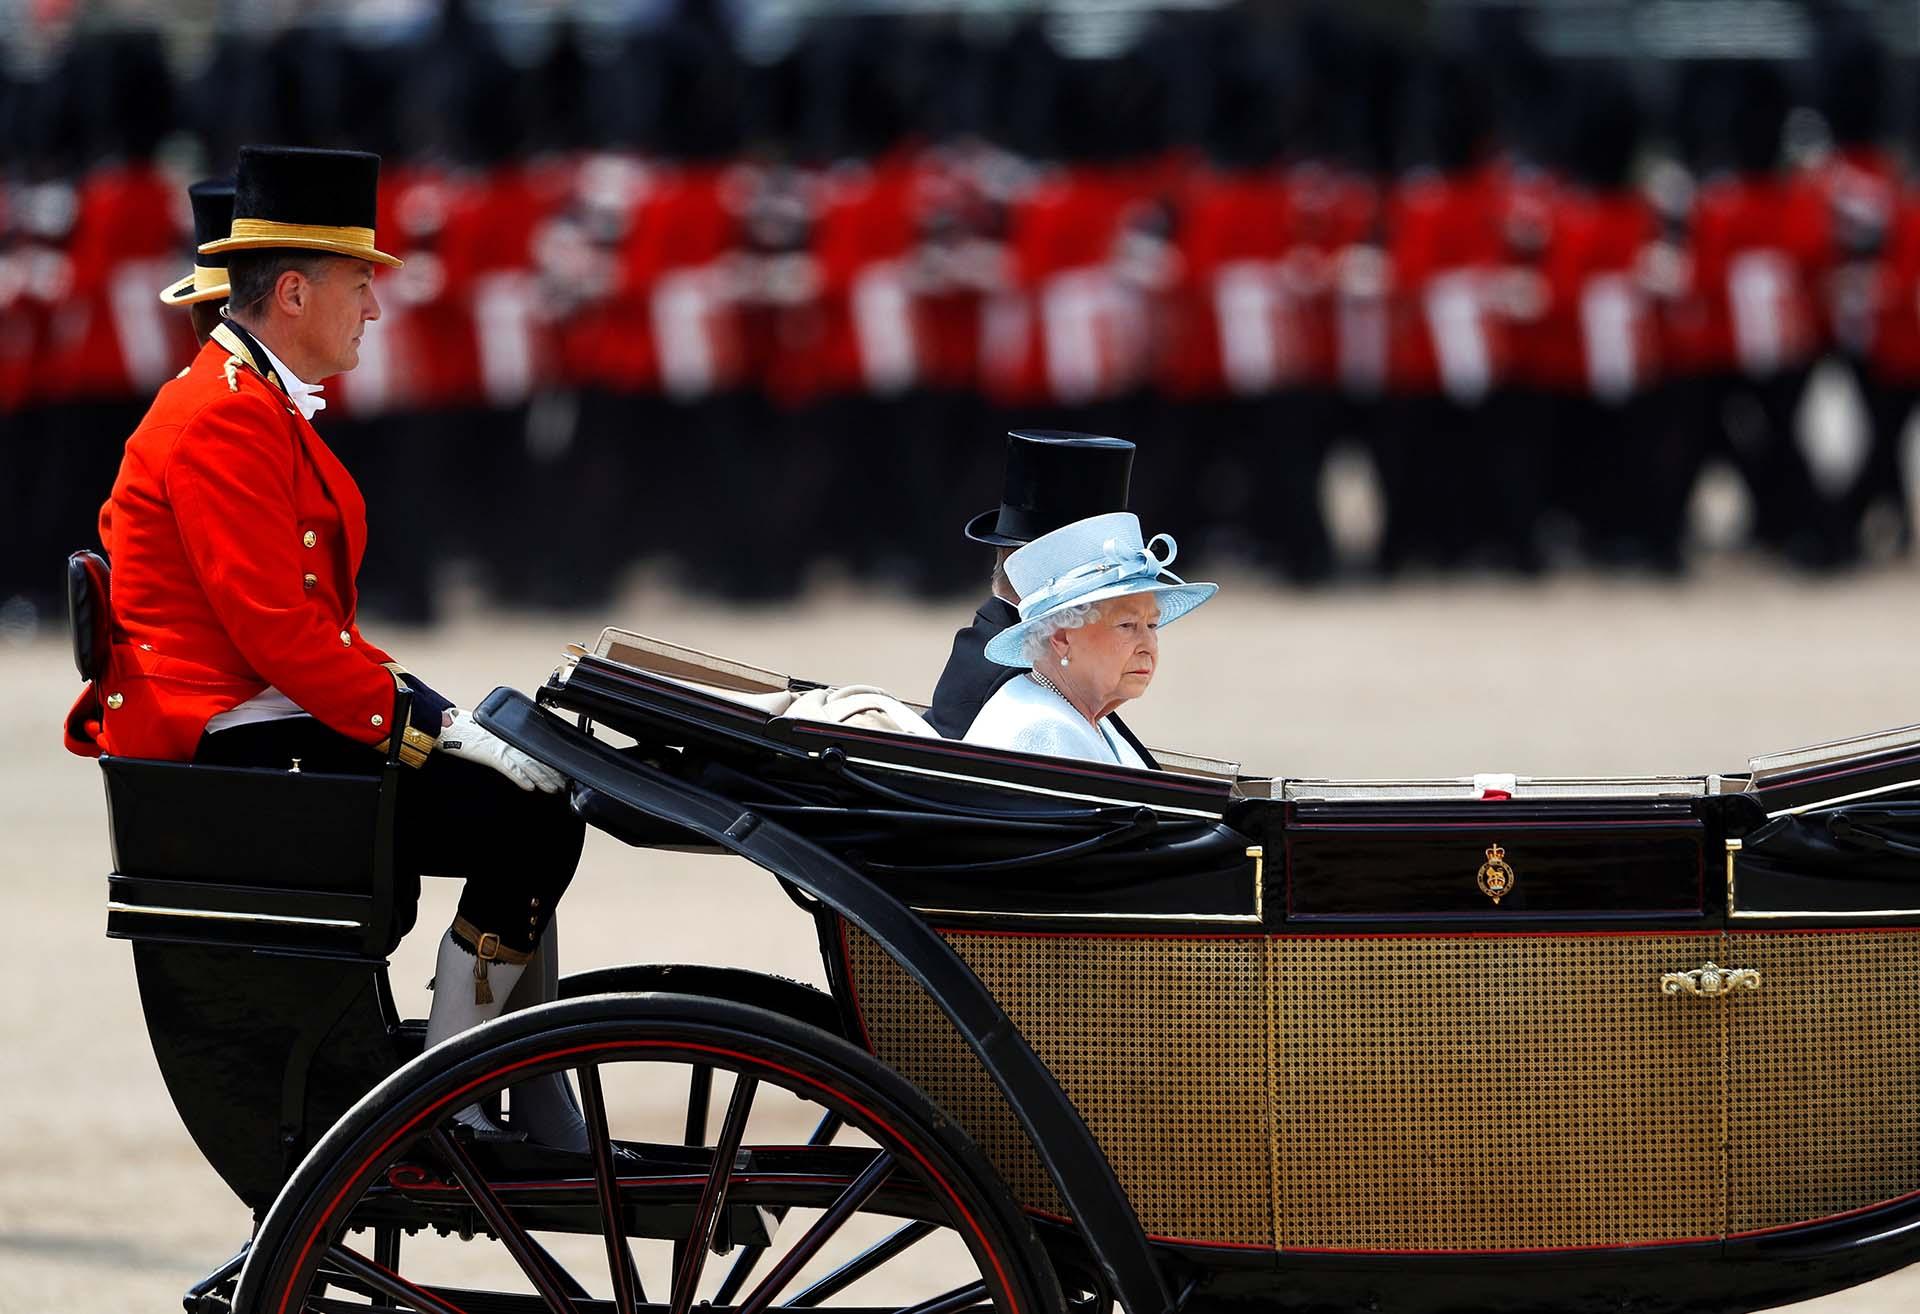 La reina Isabel de Gran Bretaña y el príncipe Philip asisten al evento Trooping the Colour en Londres